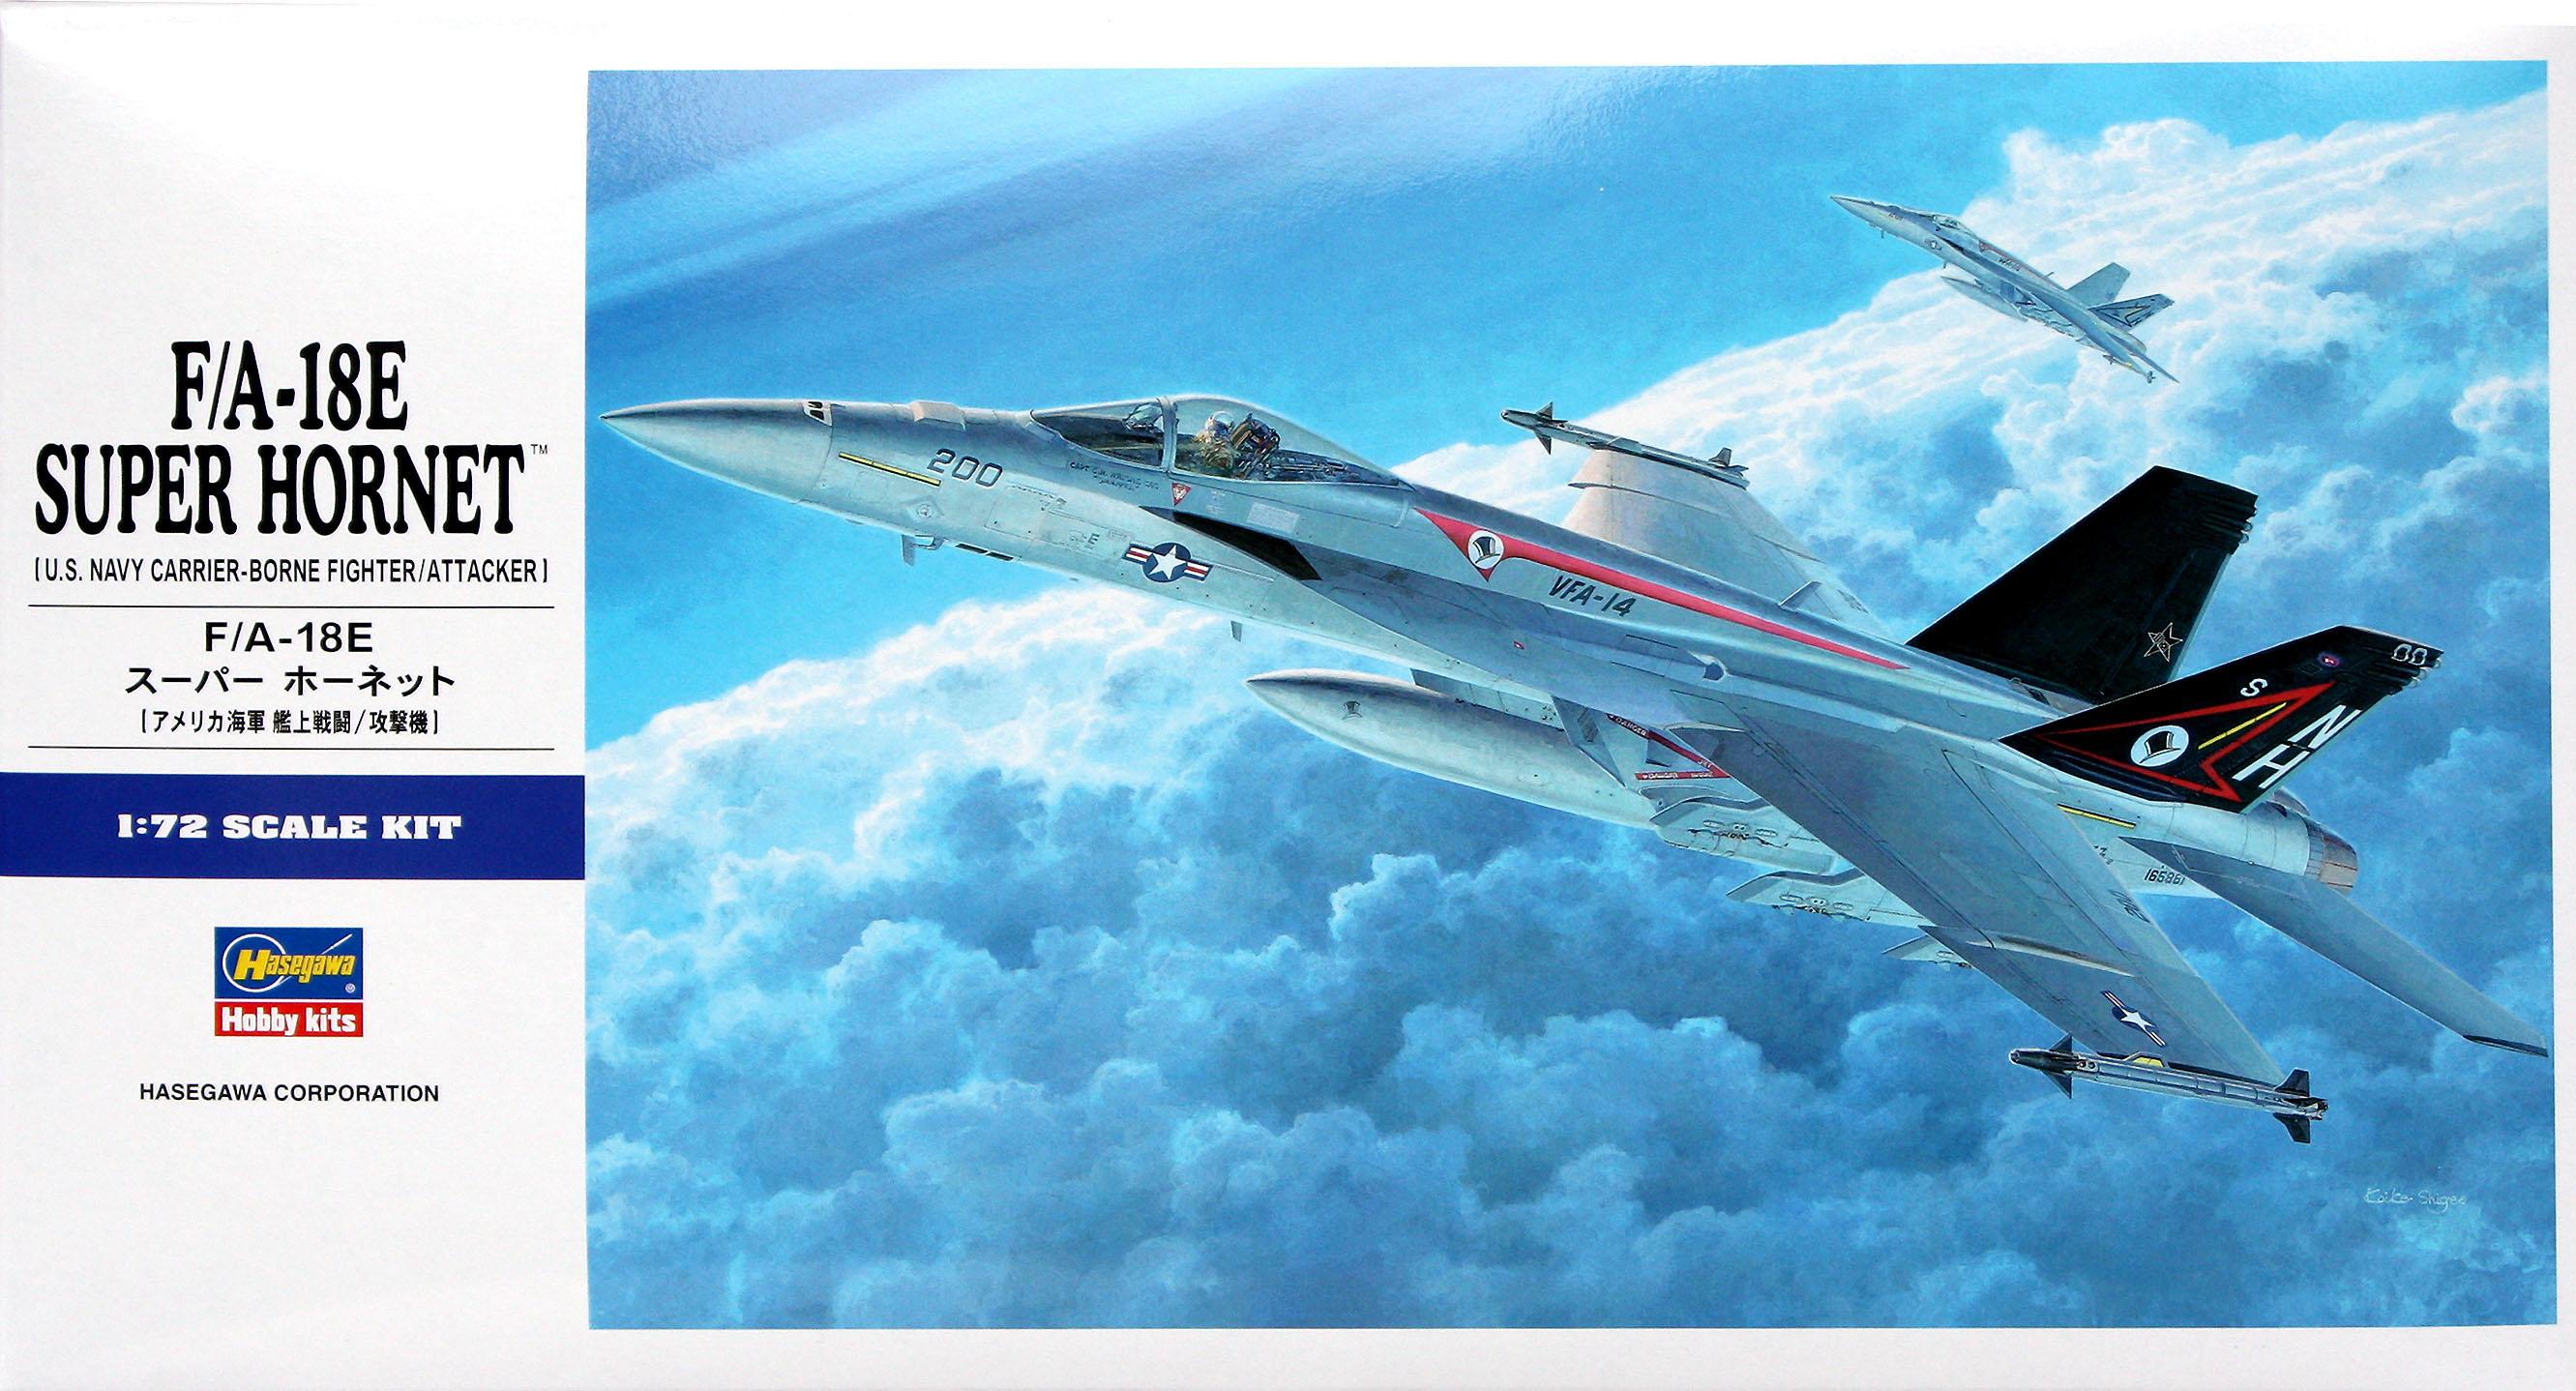 Hasegawa 1/72 F/A-18E Super Hornet